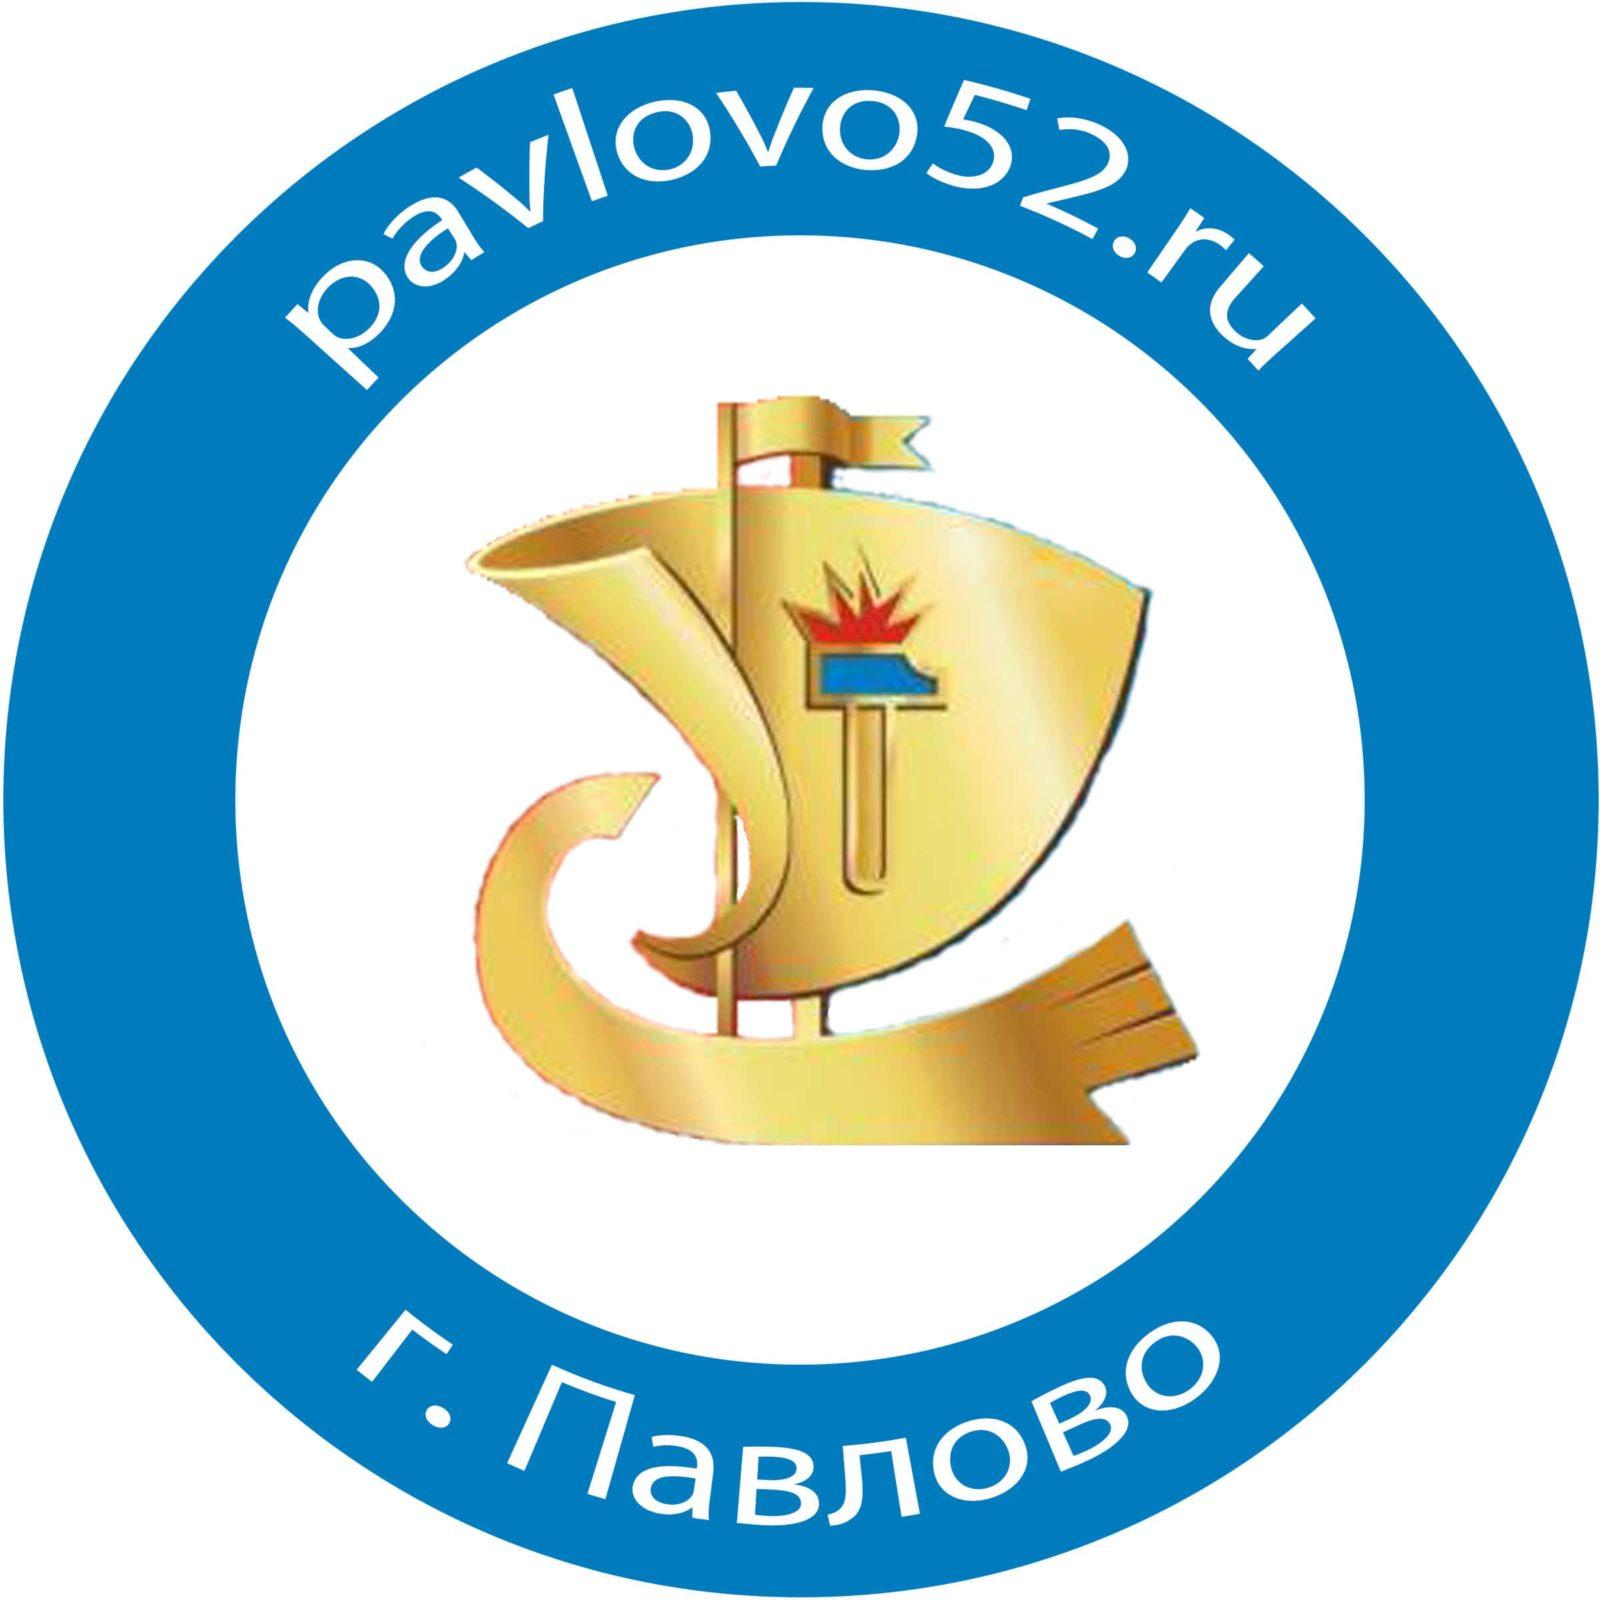 Павлово52